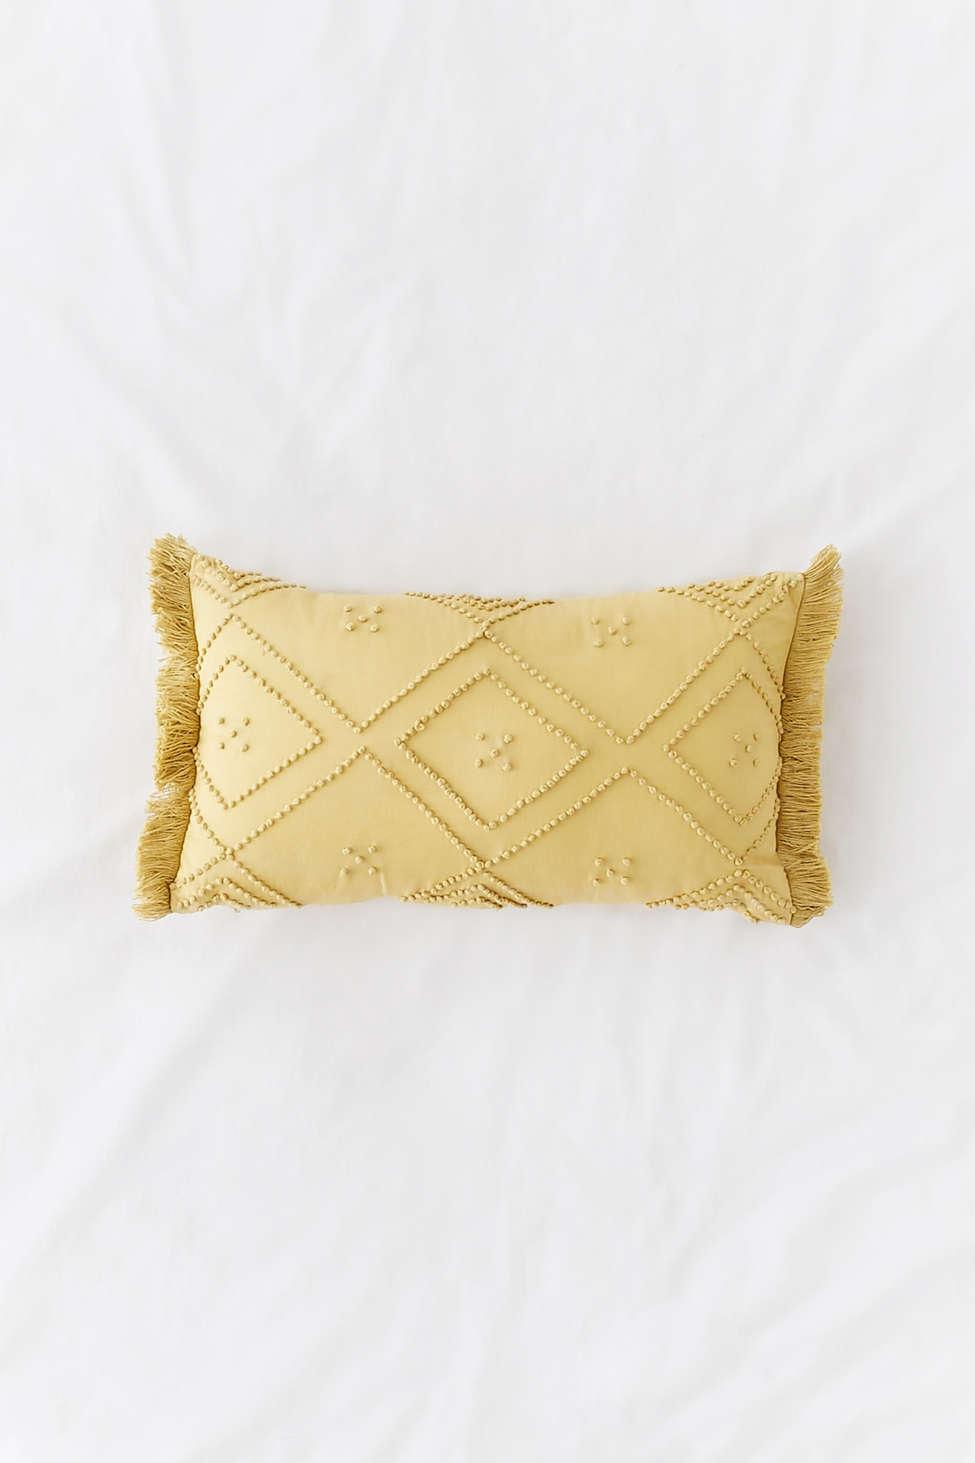 Slide View: 1: Havana Textured Bolster Pillow